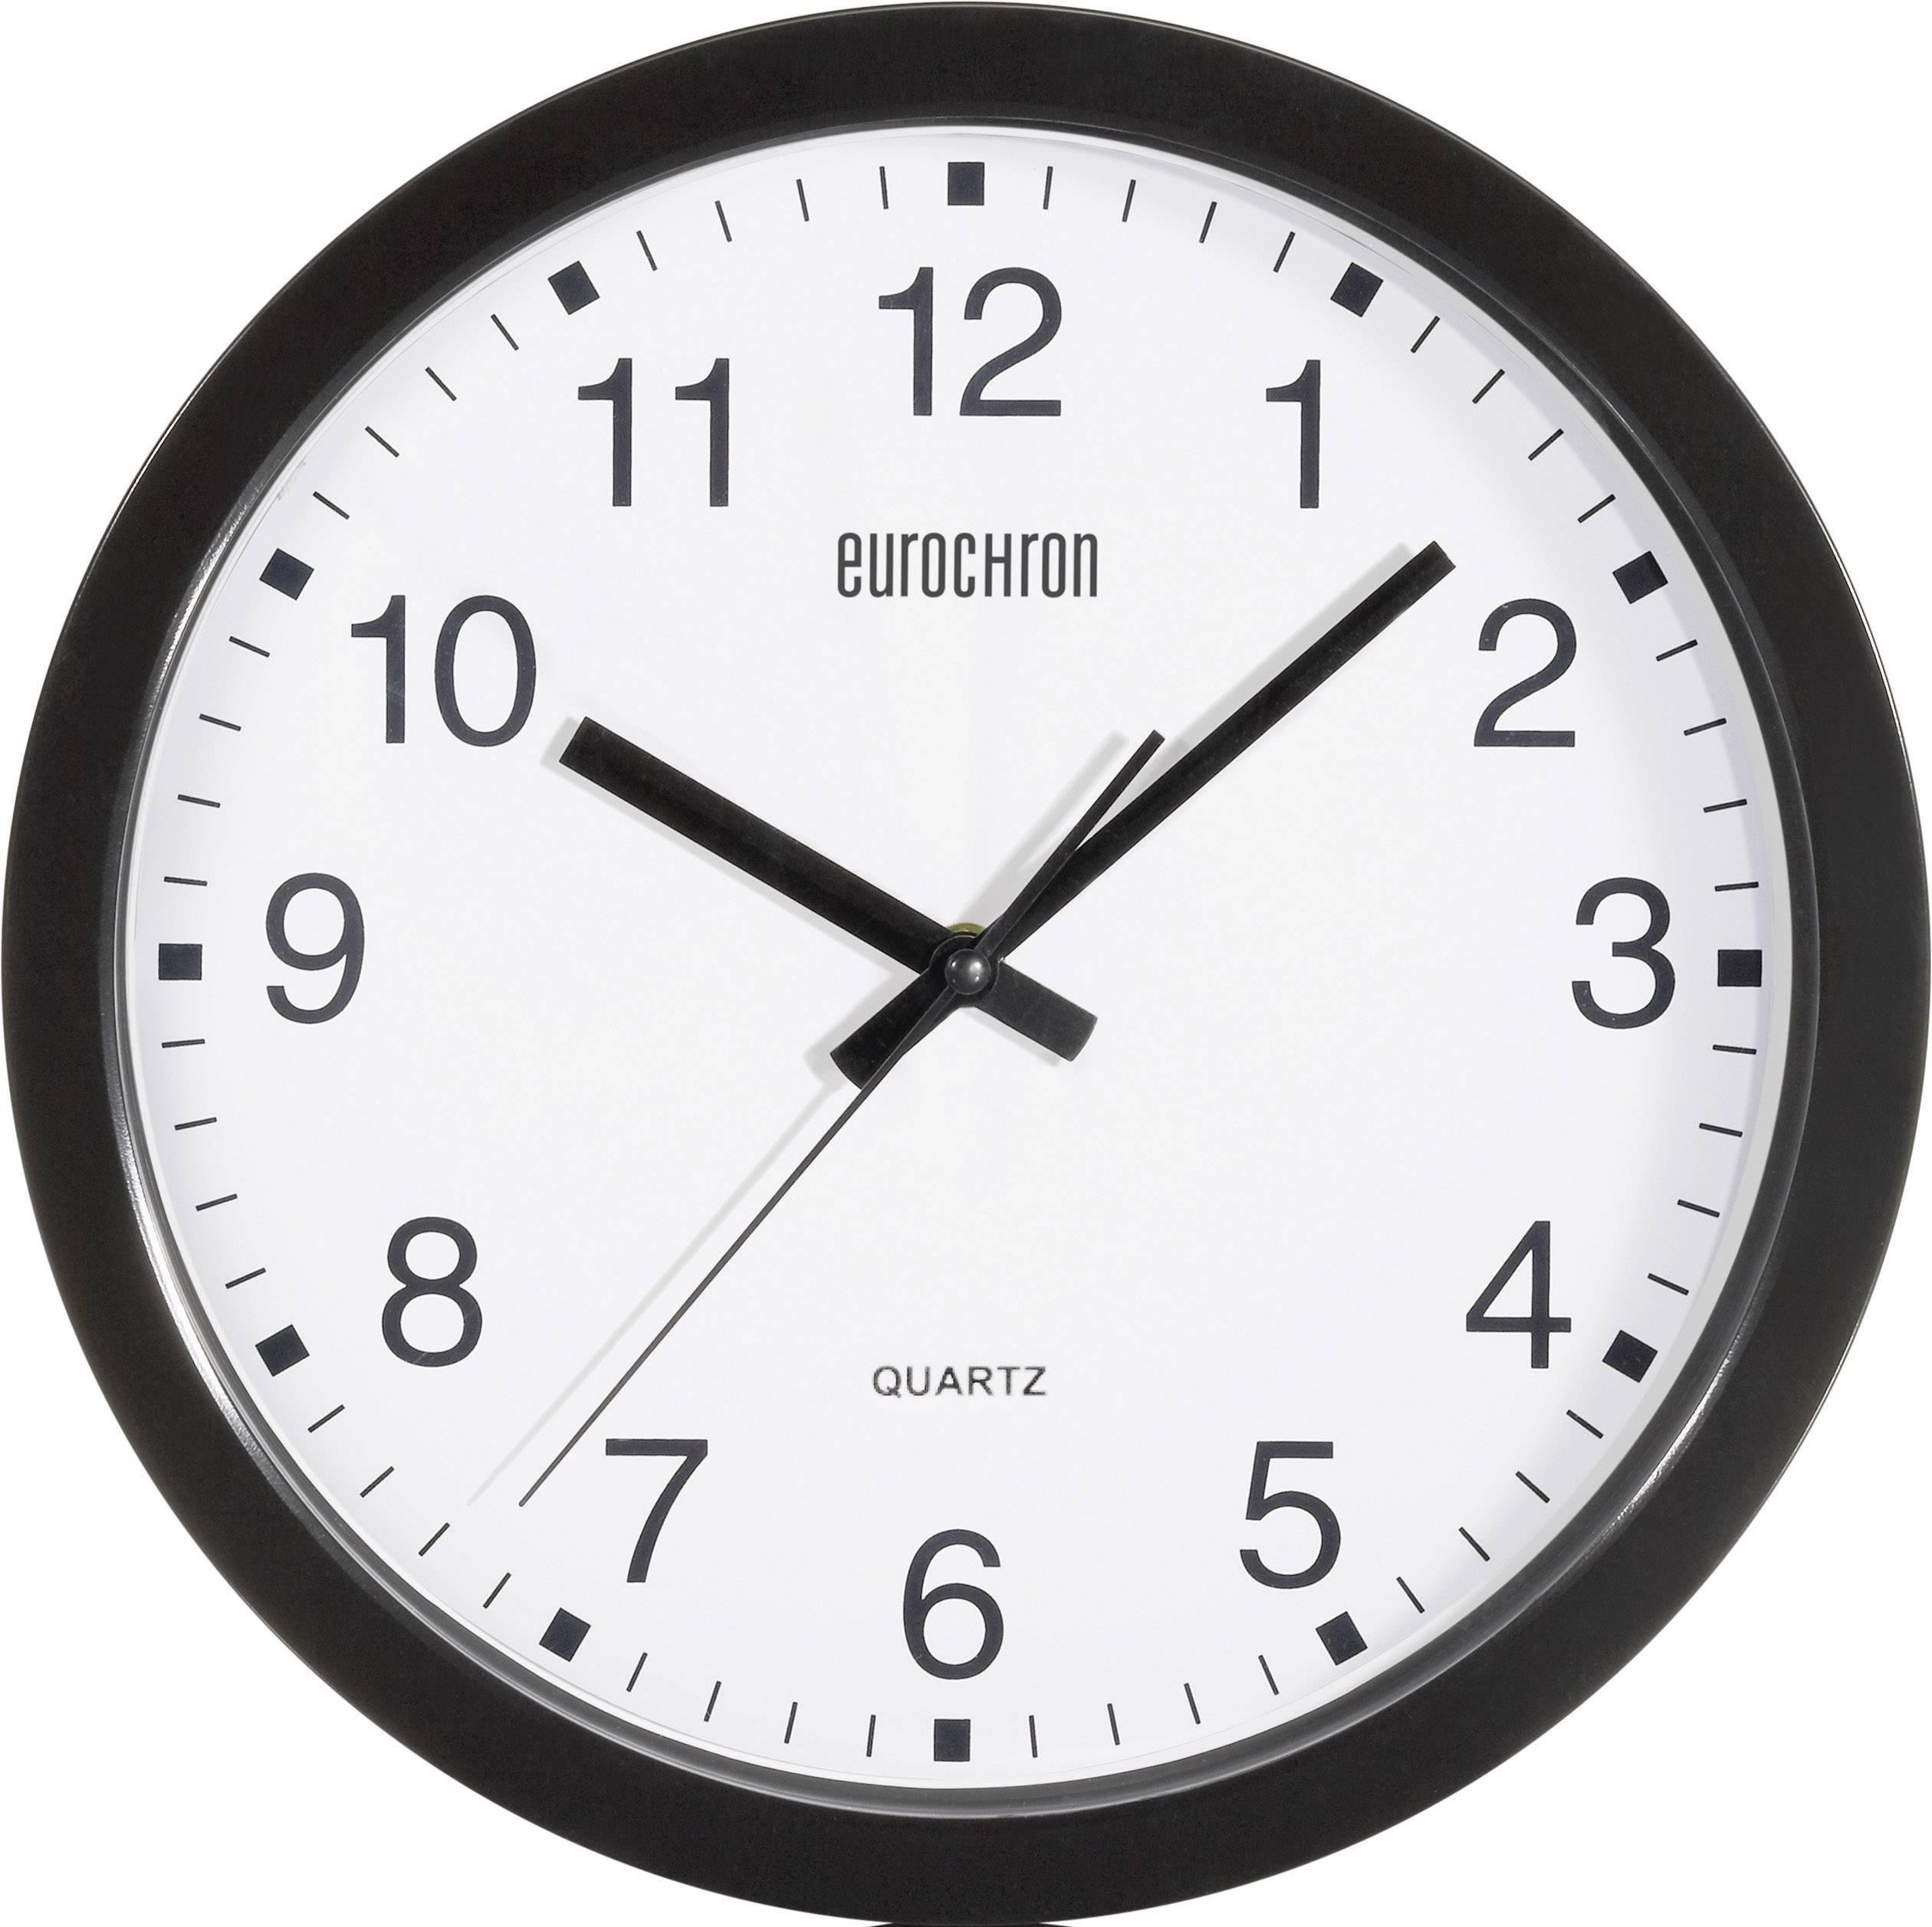 Analógové nástenné hodiny Eurochron EQWU 881, 30 cm, čierne